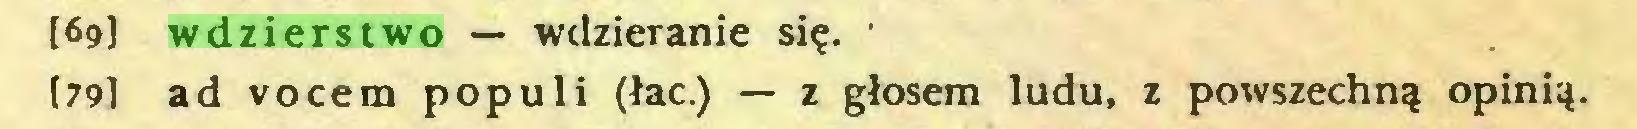 (...) [69] wdzierstwo — wdzieranie się. • {79I ad vocem populi (łac.) — z głosem ludu, z powszechną opinią...